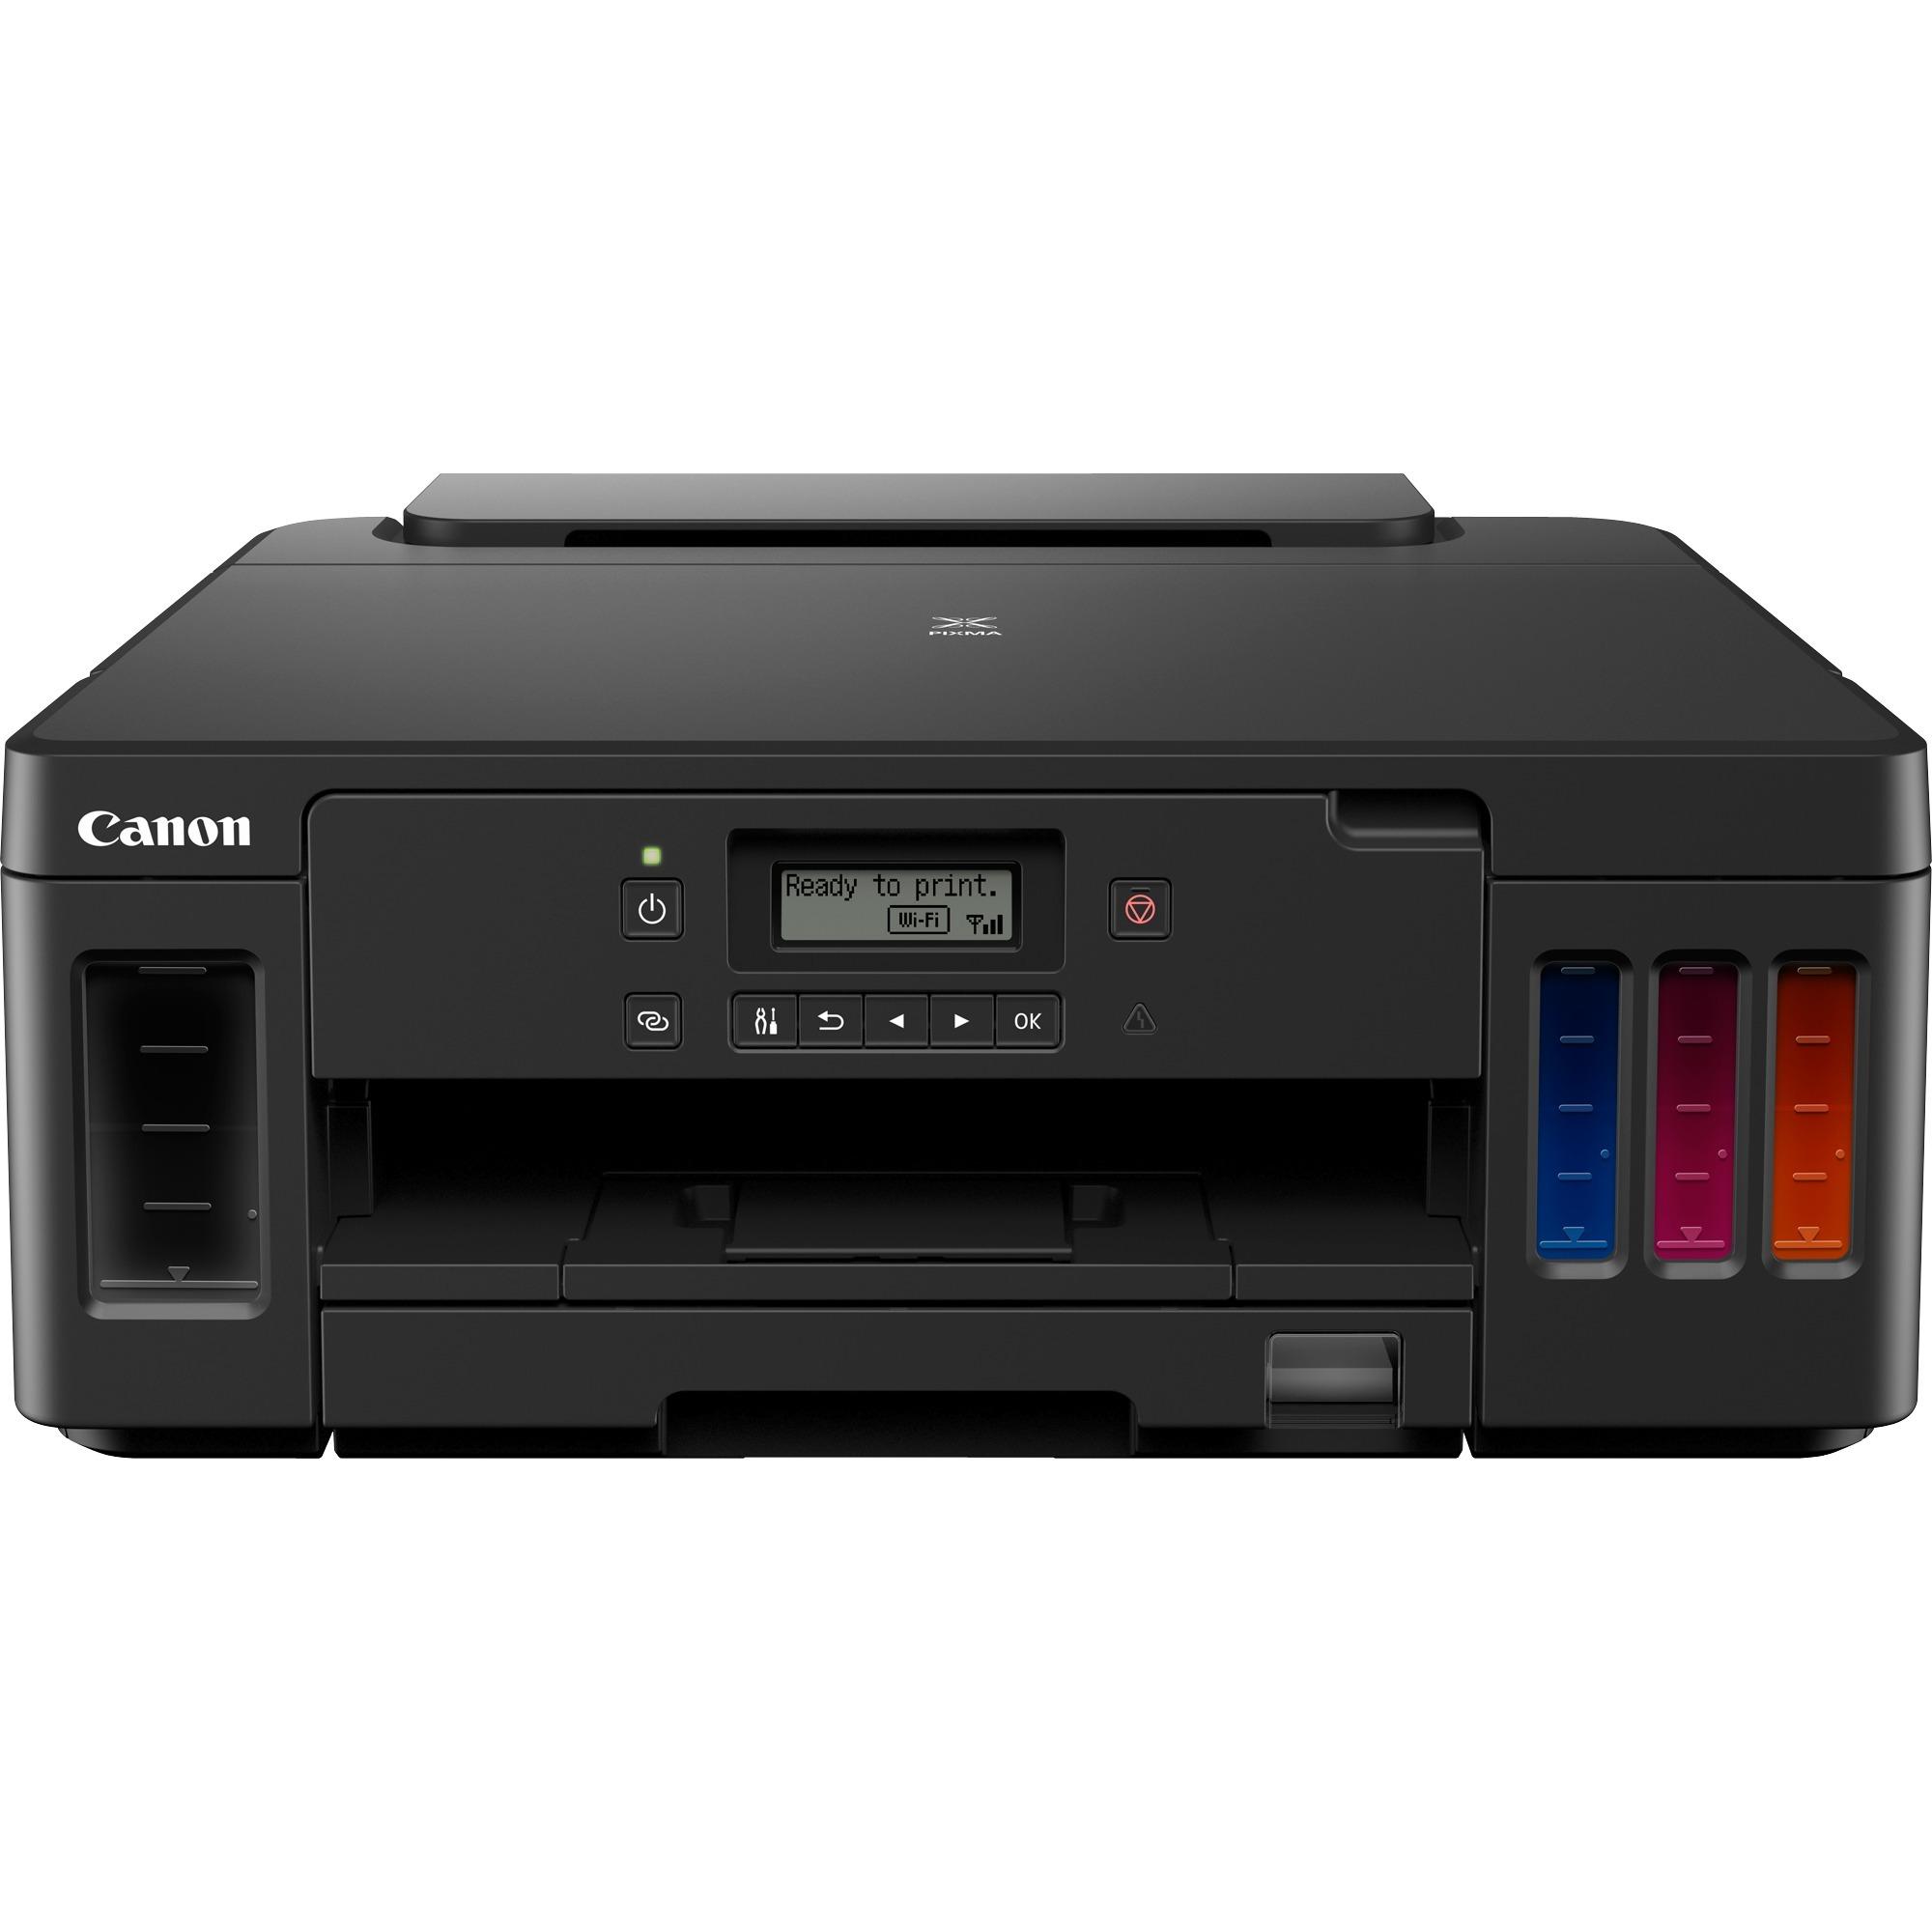 3112C006 stampante a getto d'inchiostro Colore